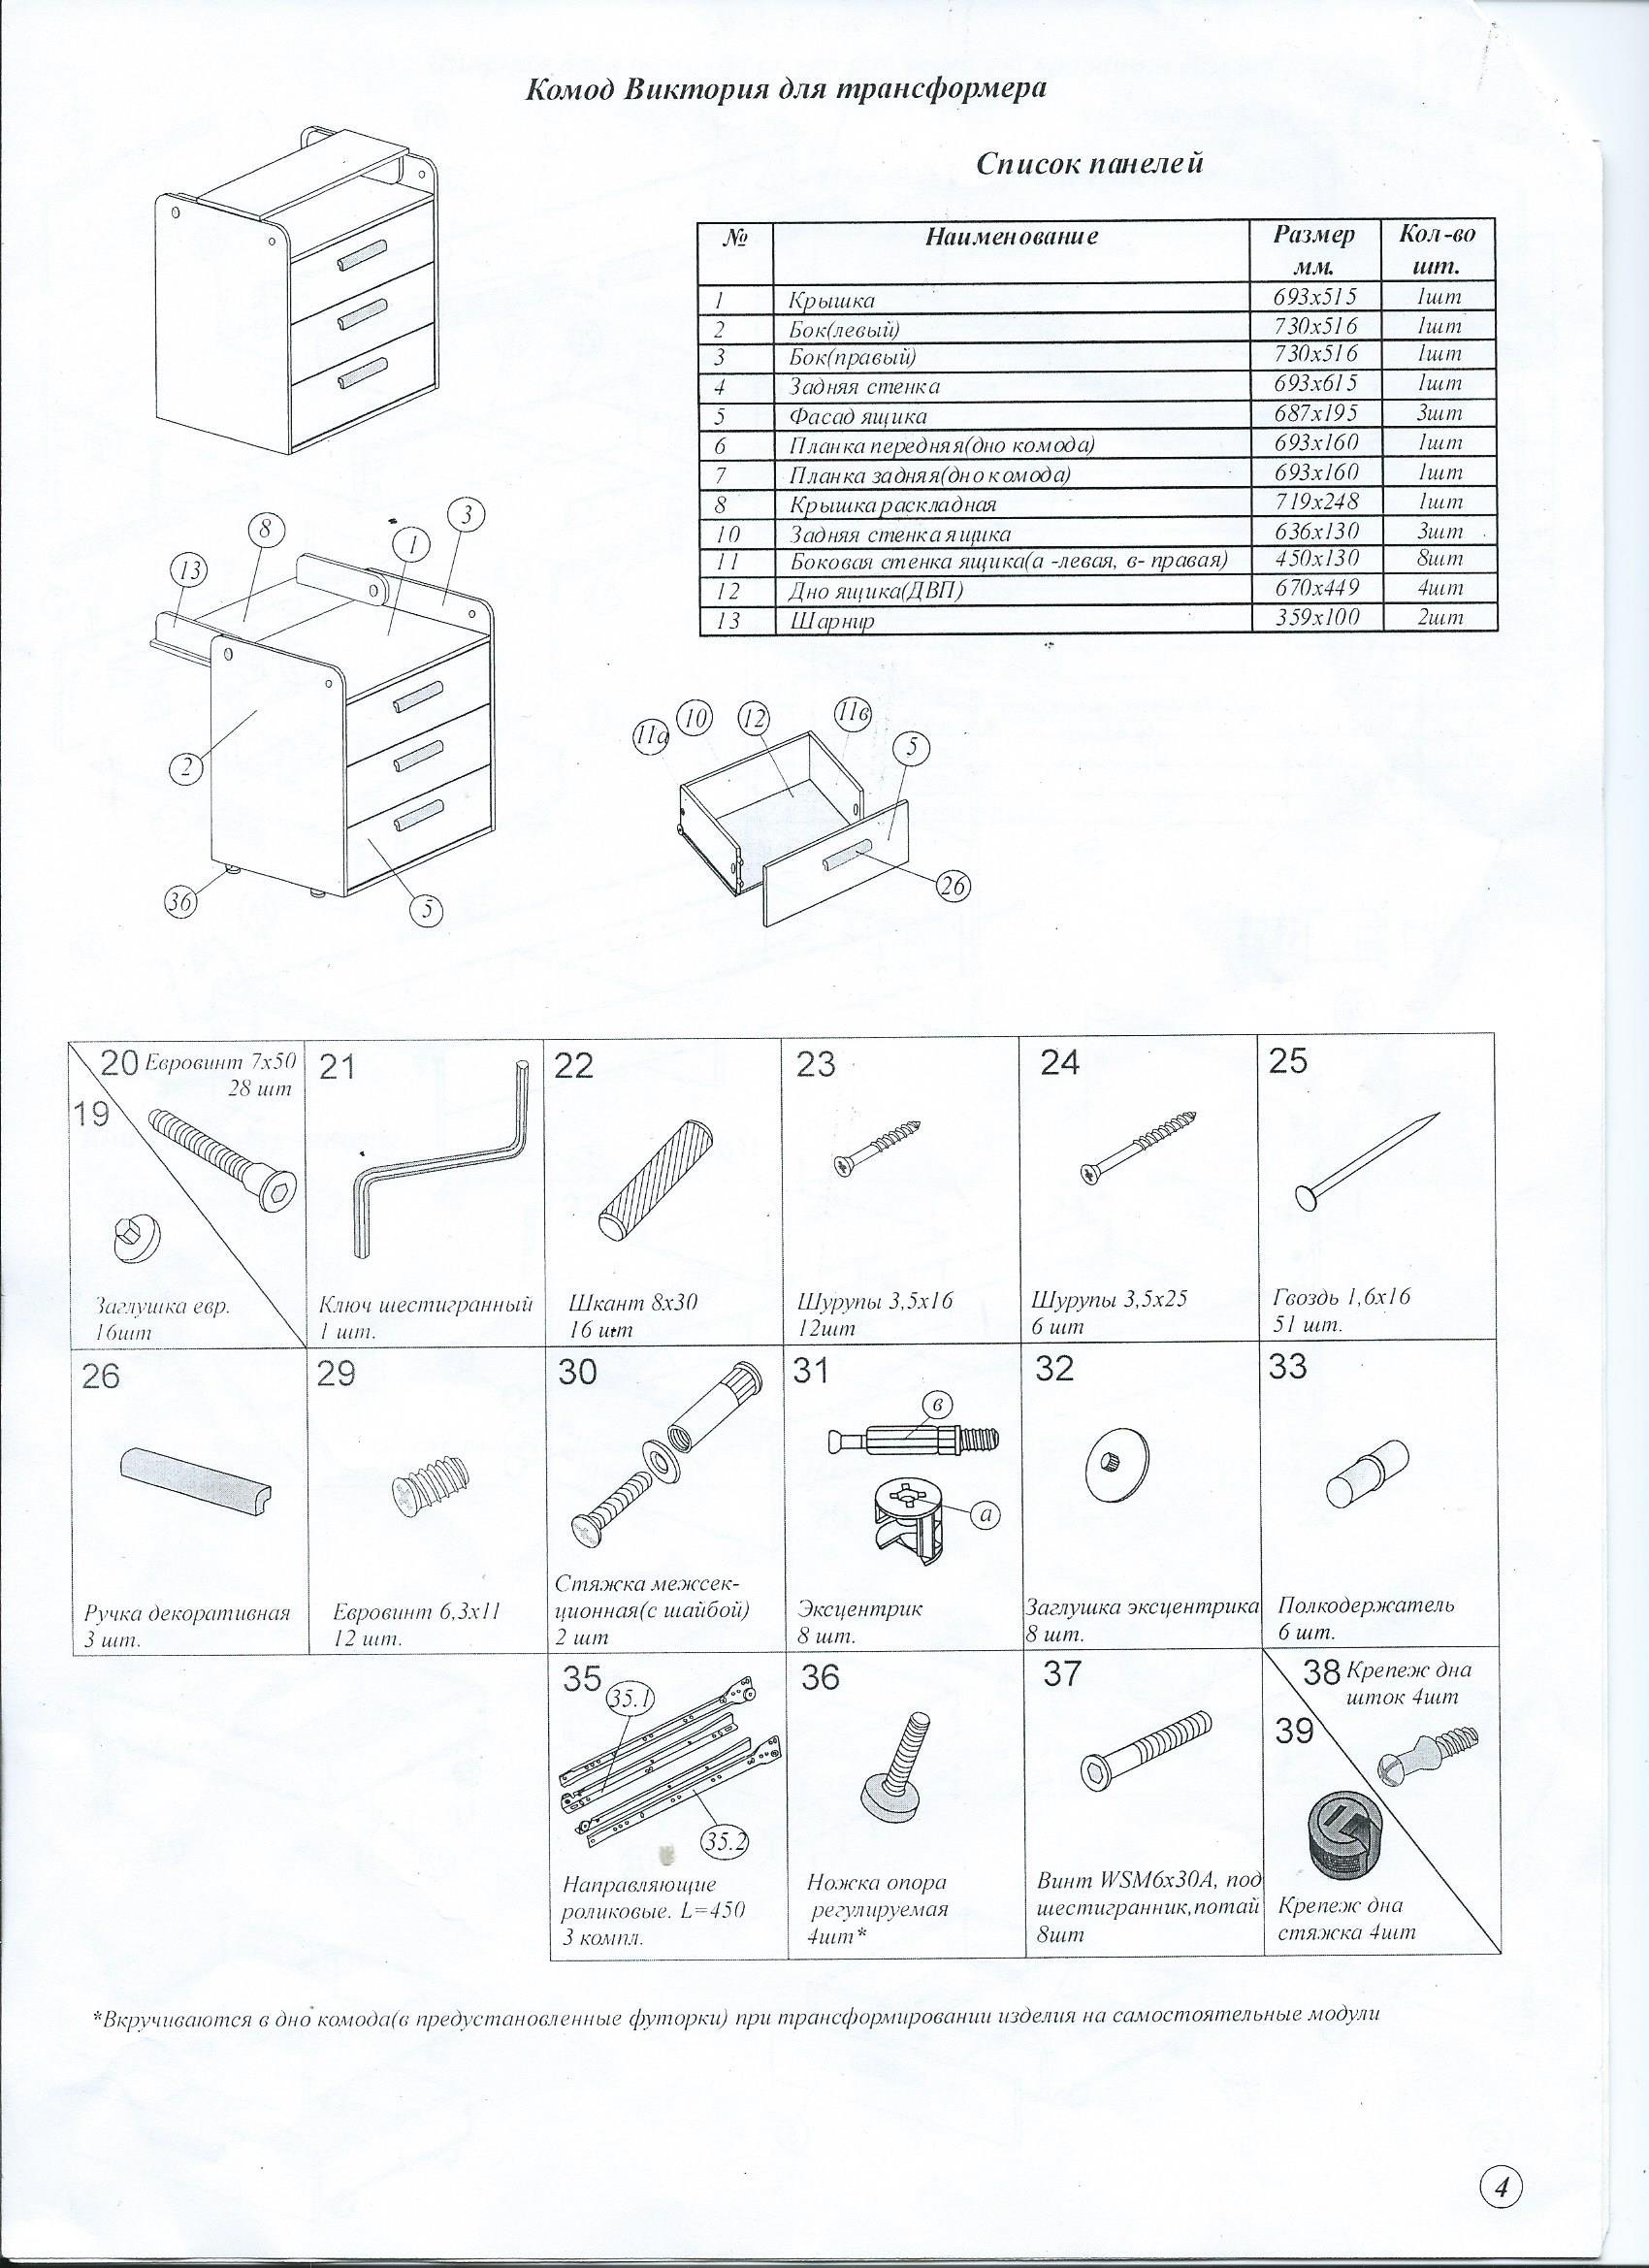 Daikin электрическая схема